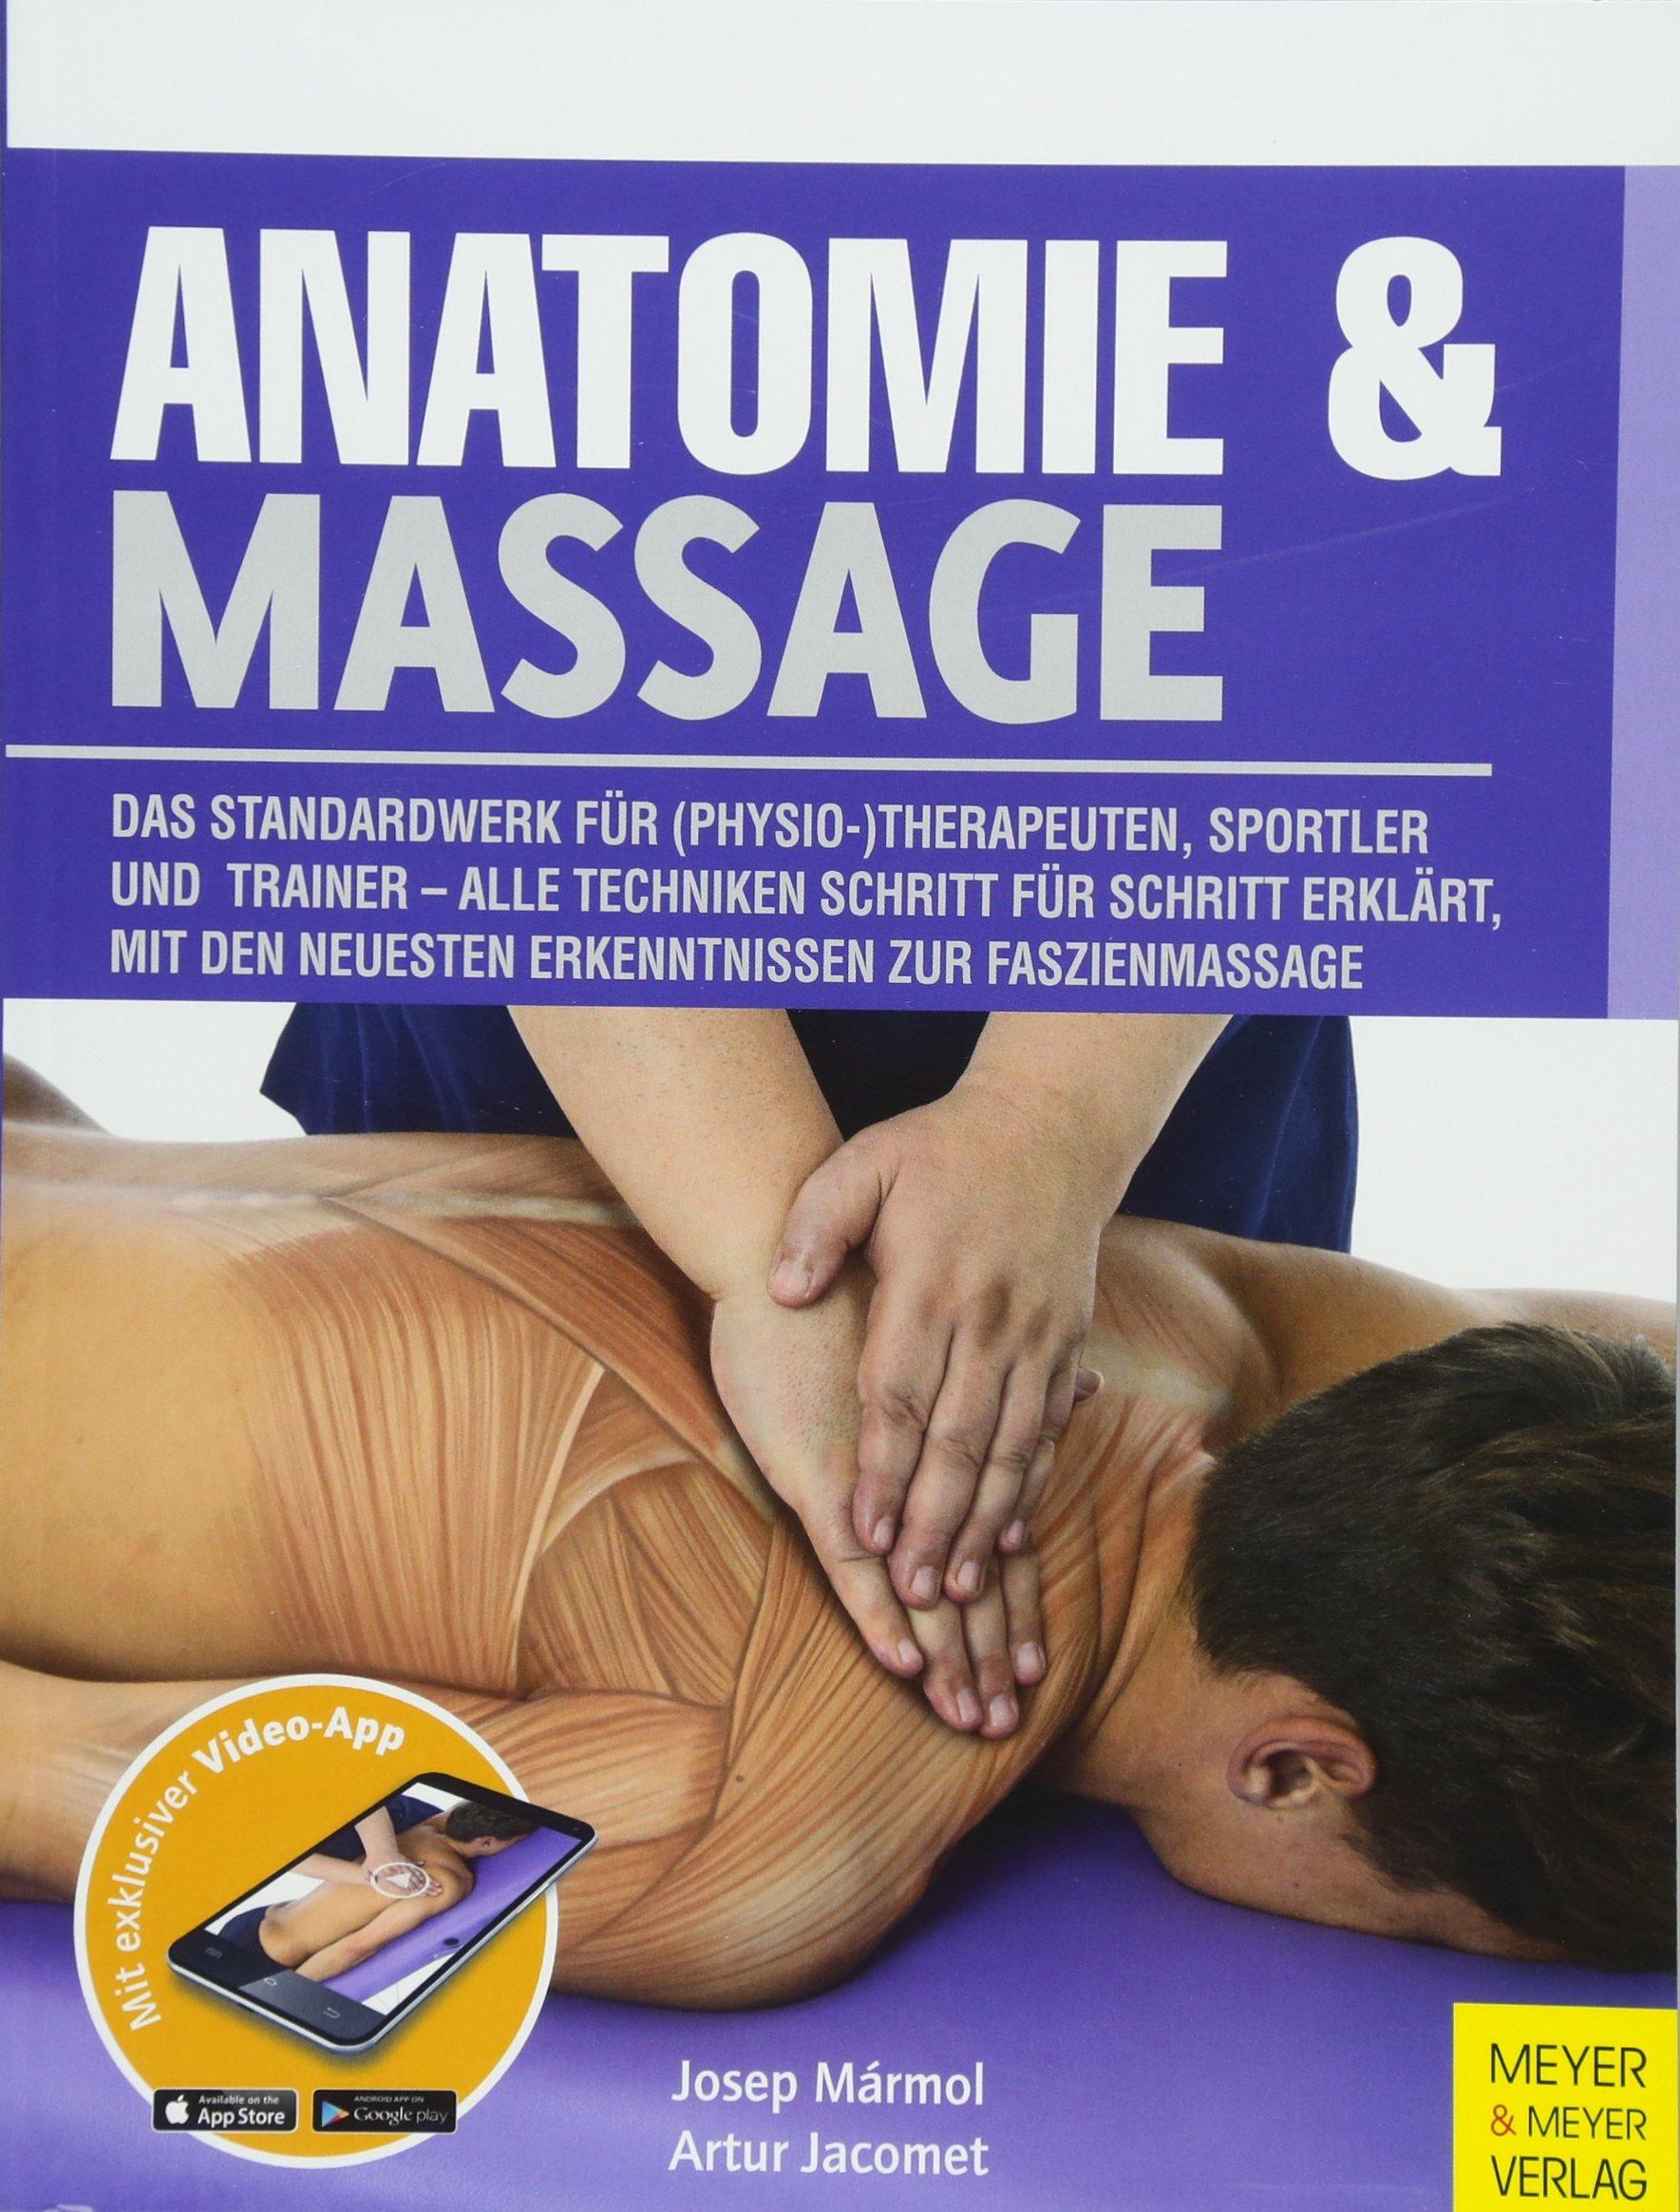 Anatomie & Massage: Das Standardwerk für (Physio-) Therapeuten, Sportler und Trainer - Alle Techniken Schritt für Schritt erklärt, mit den neuesten Erkenntnissen zur Faszienmassage